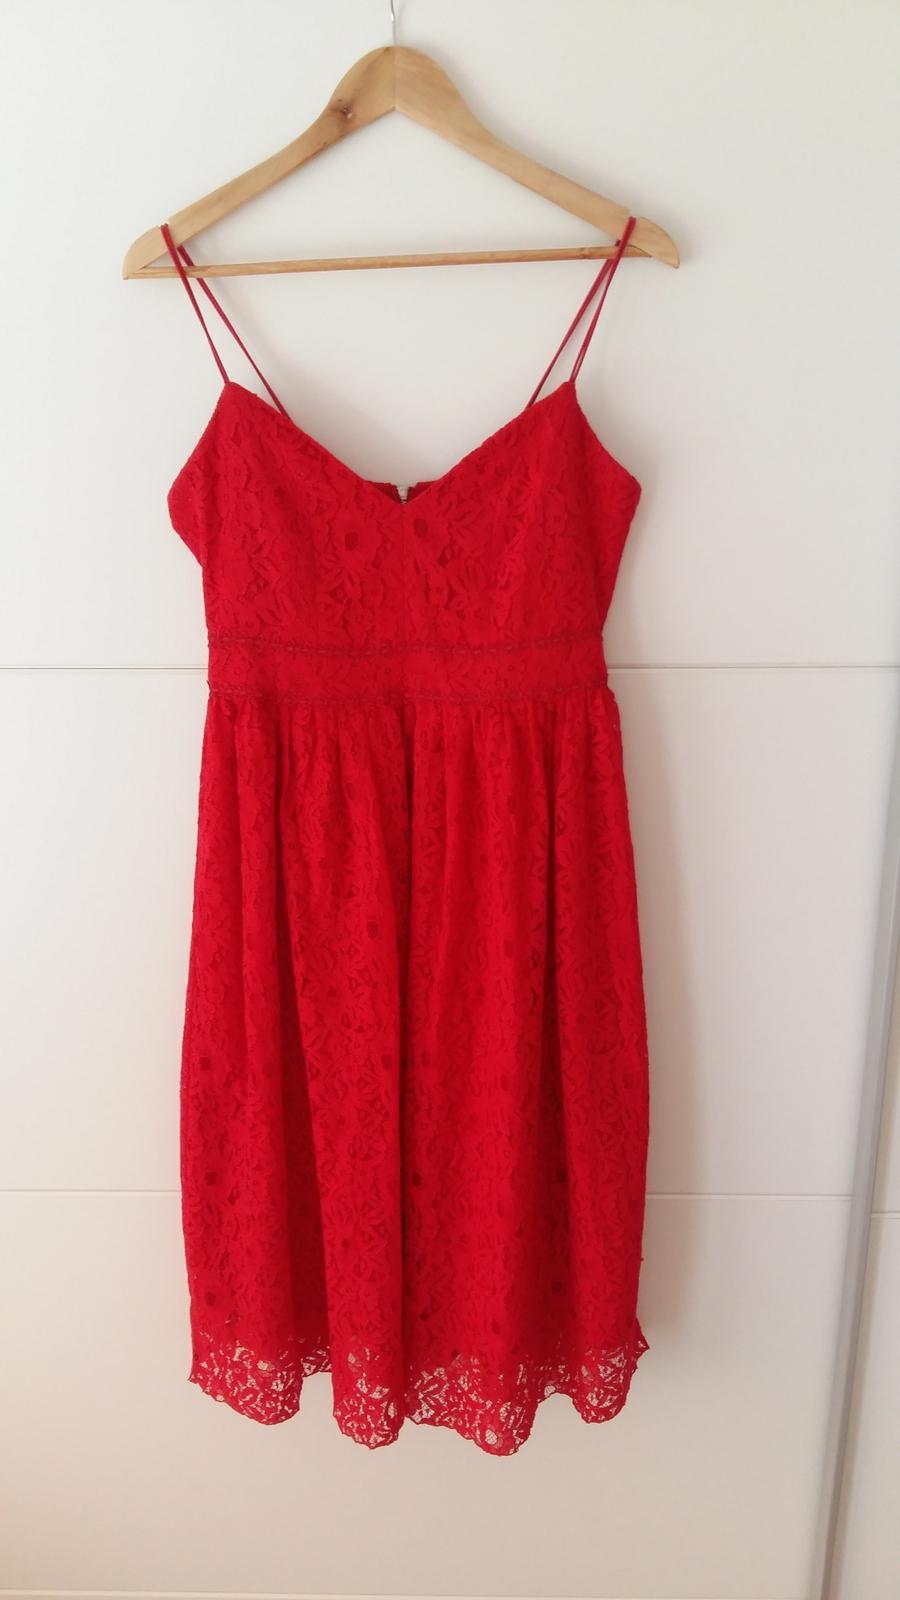 Červené čipkované šaty s výstrihom veľ. 42 - Obrázok č. 1